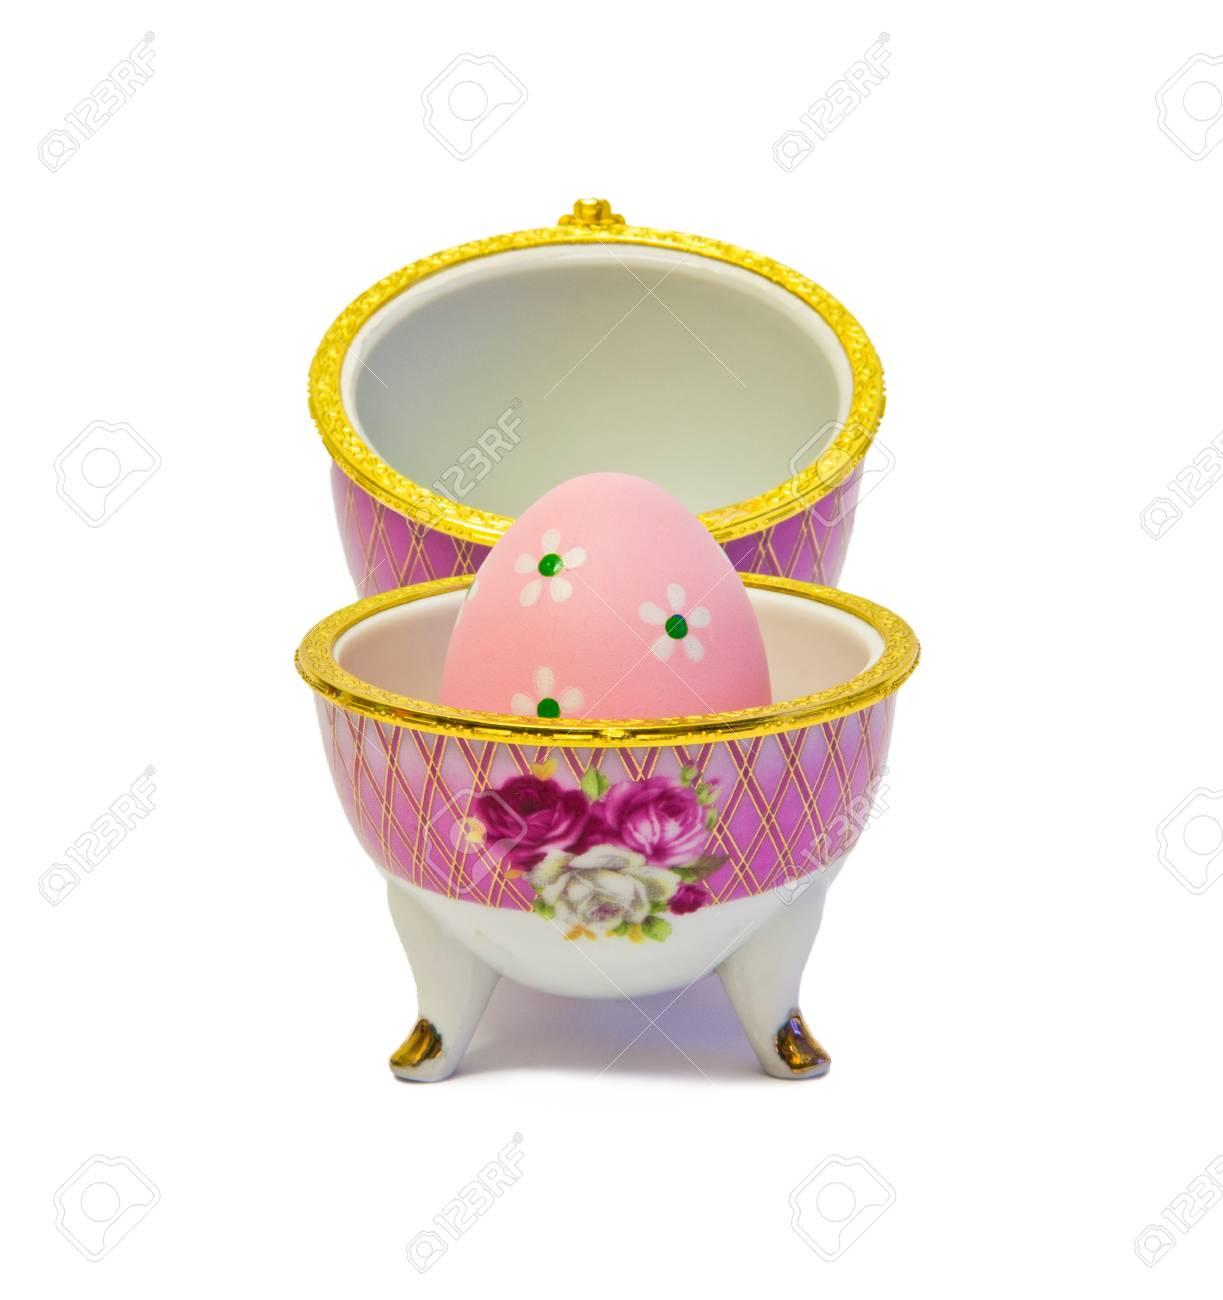 Uova Di Pasqua Ceramica.Ceramica Uovo Di Pasqua Isolato Su Bianco